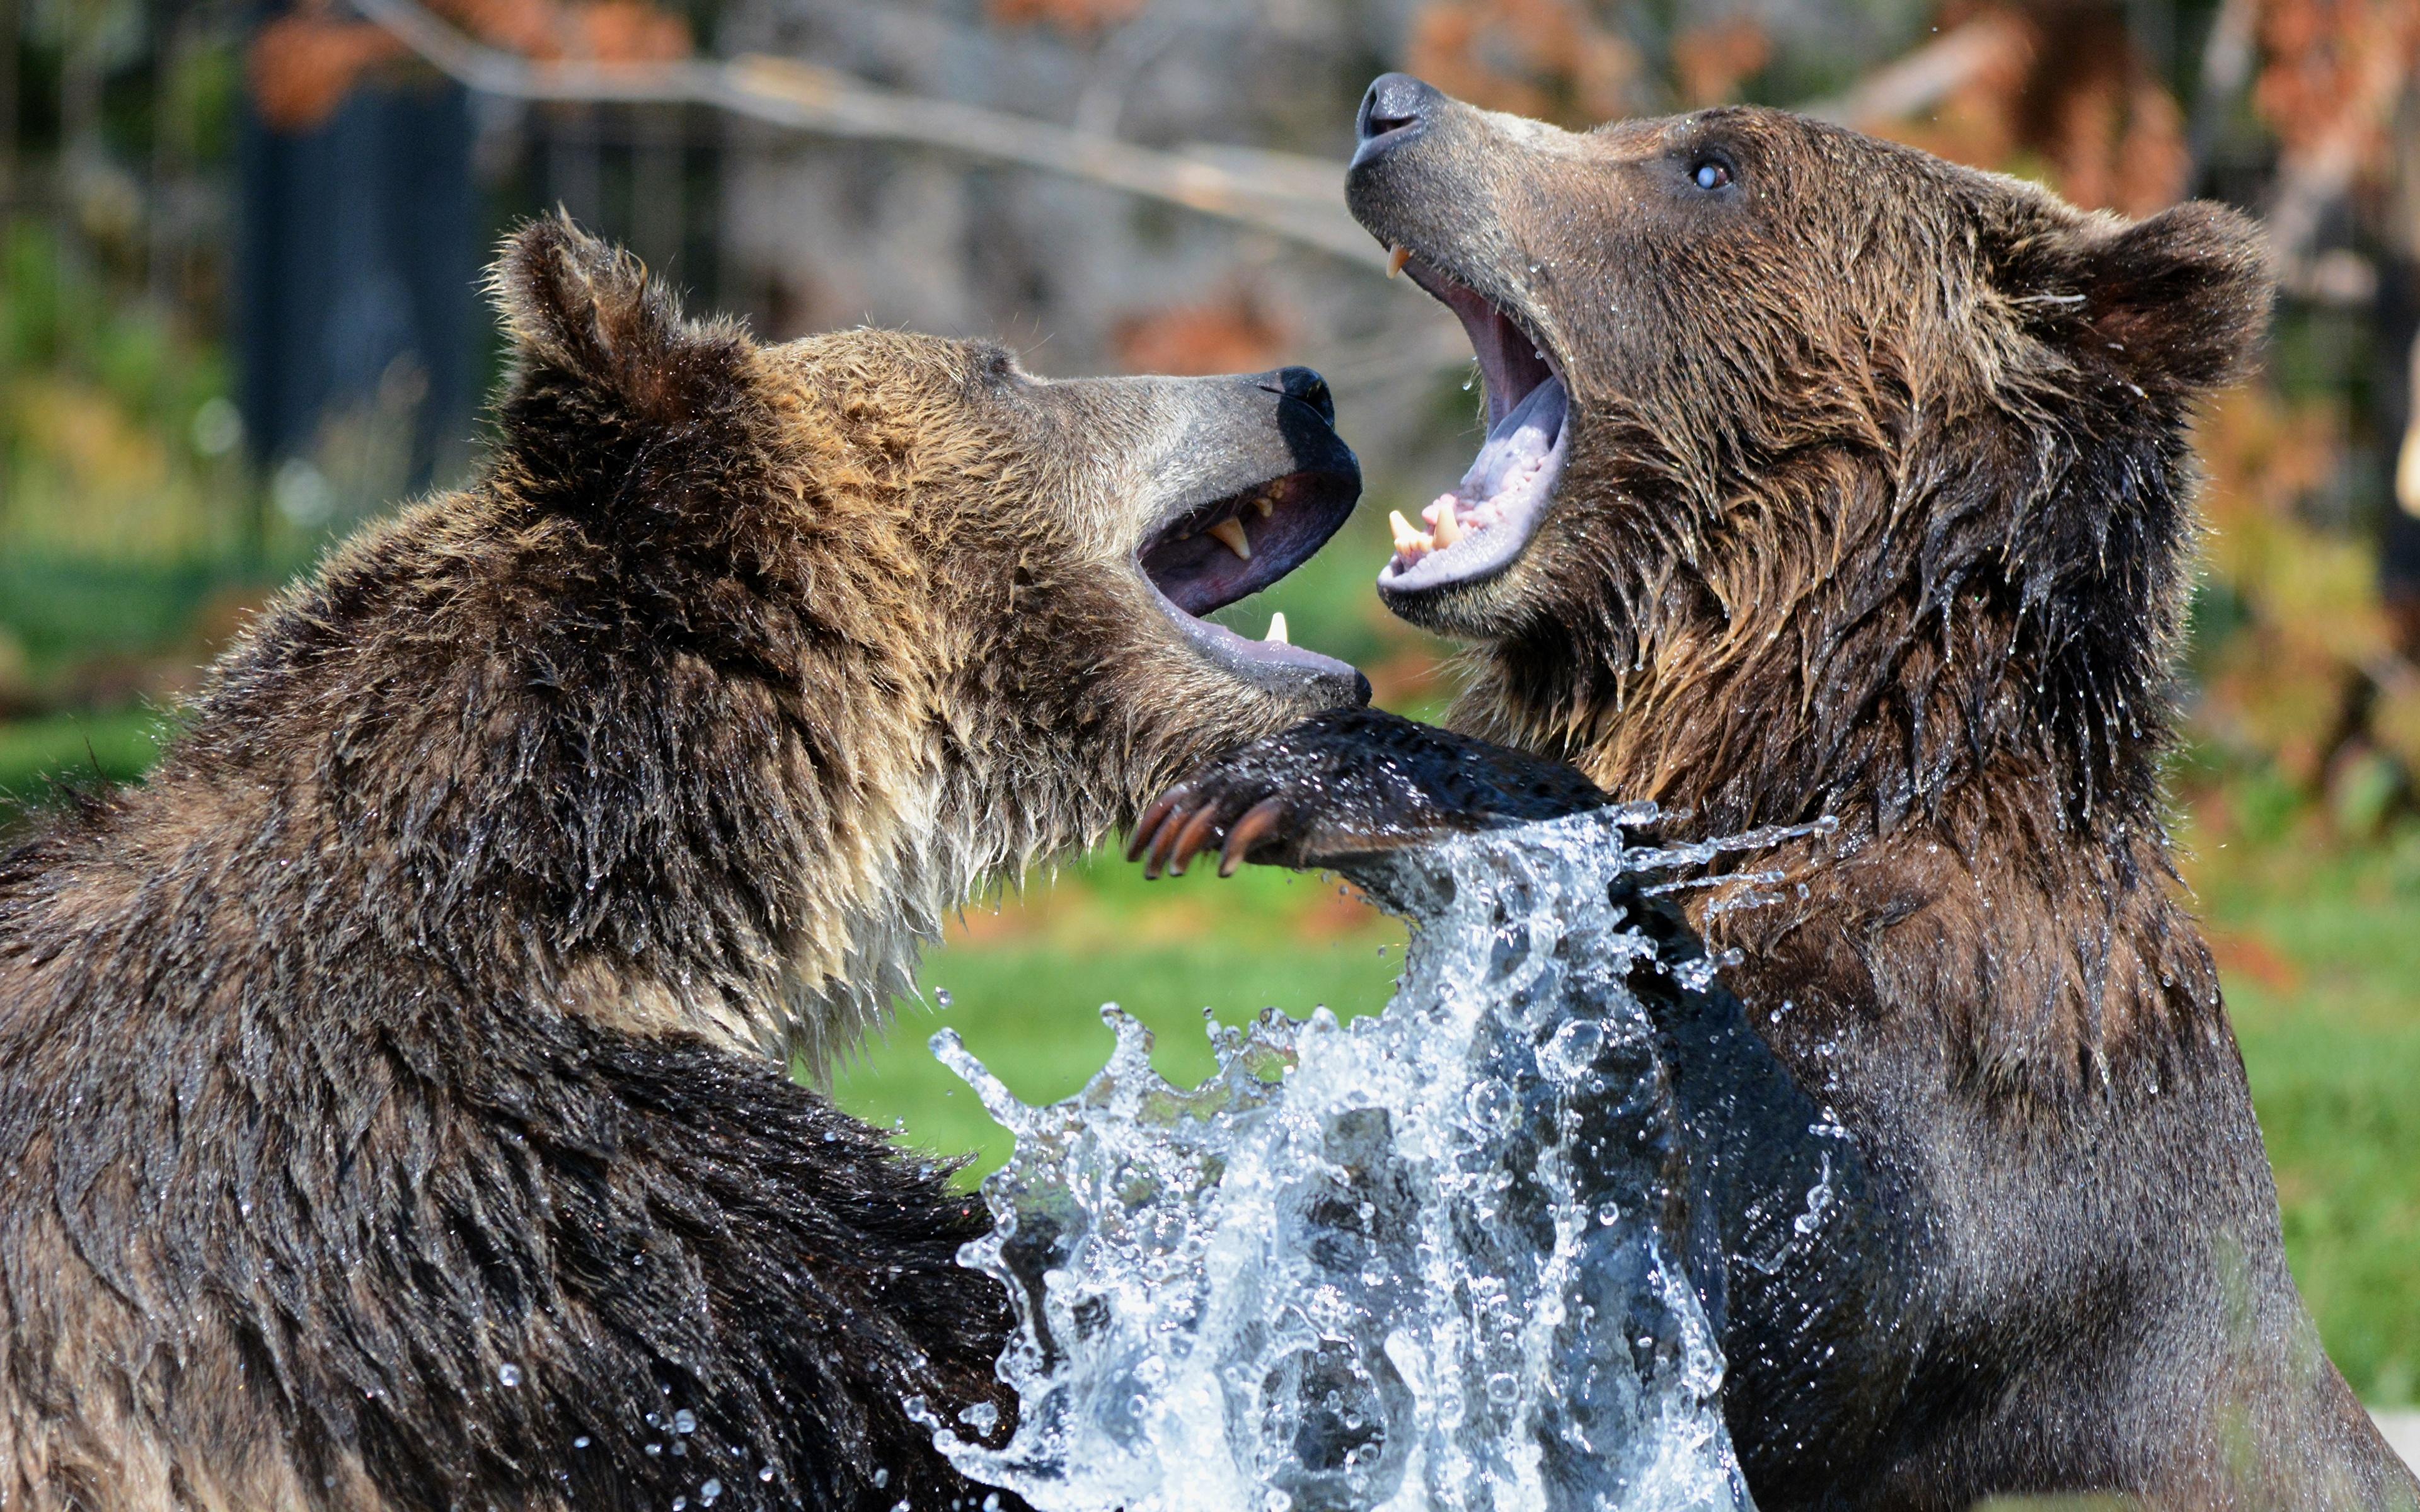 Bilder von Braunbär Bären Zwei Schlägerei Spritzer Tiere Großansicht 3840x2400 2